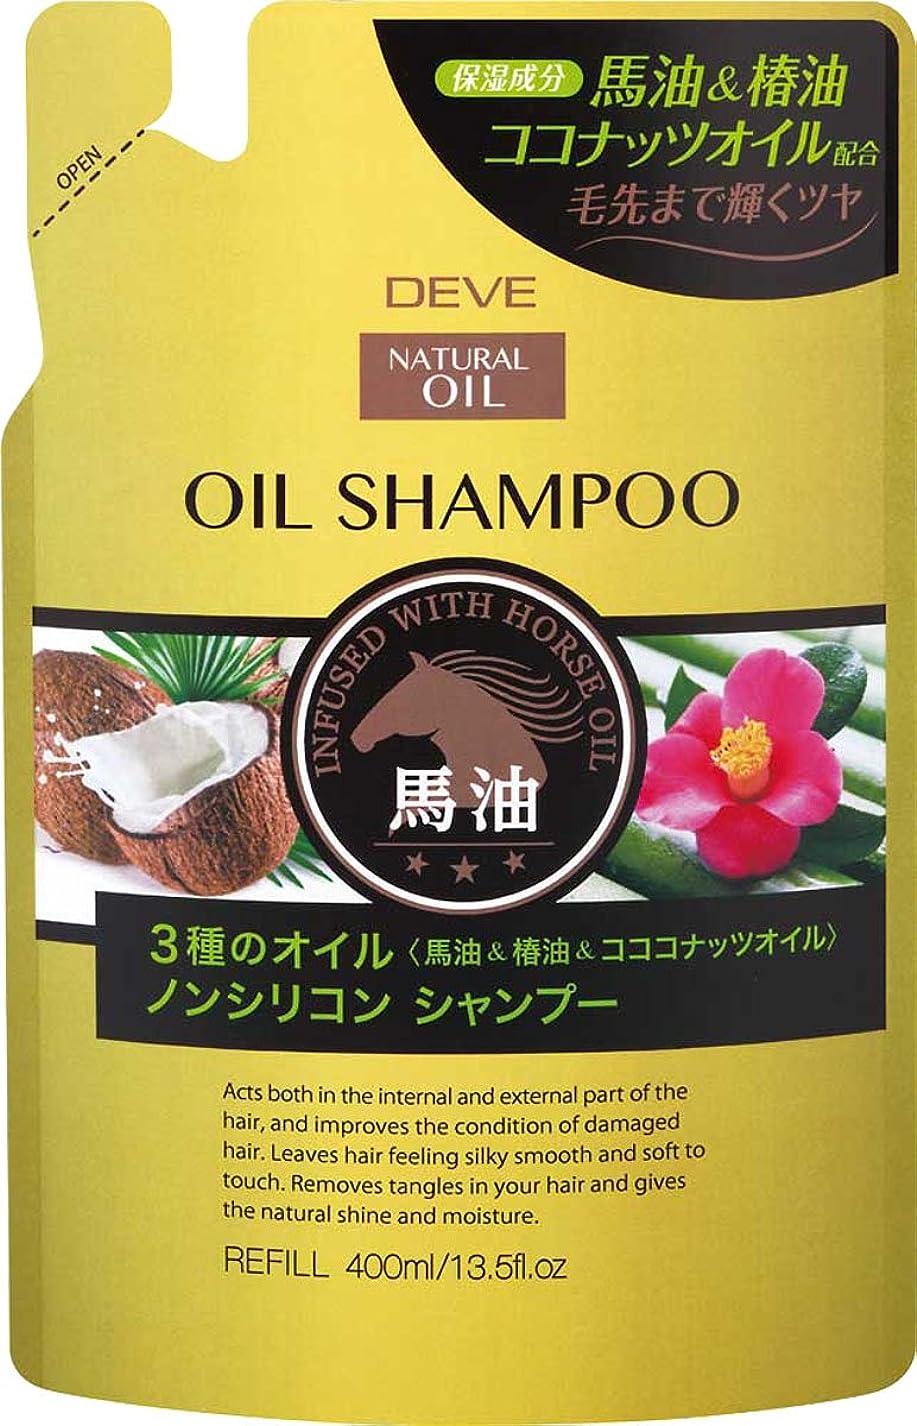 トロイの木馬薄い黒人熊野油脂 ディブ 3種のオイルシャンプー(馬油?椿油?ココナッツオイル)400ml